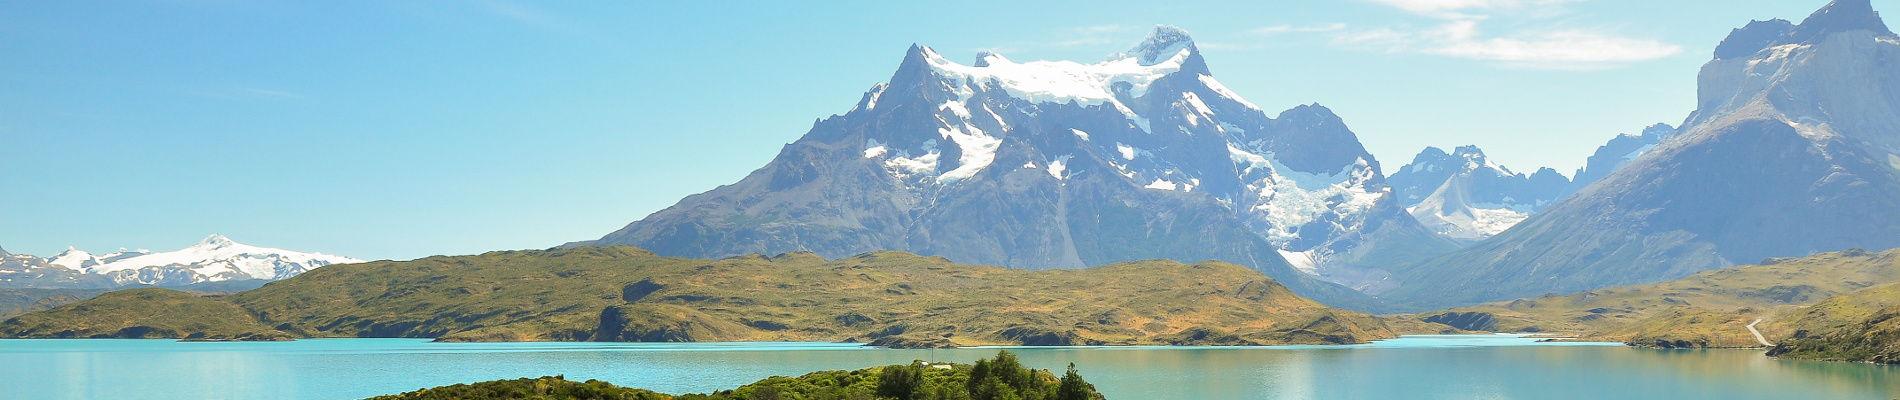 chili-patagonie-torres-del-paine